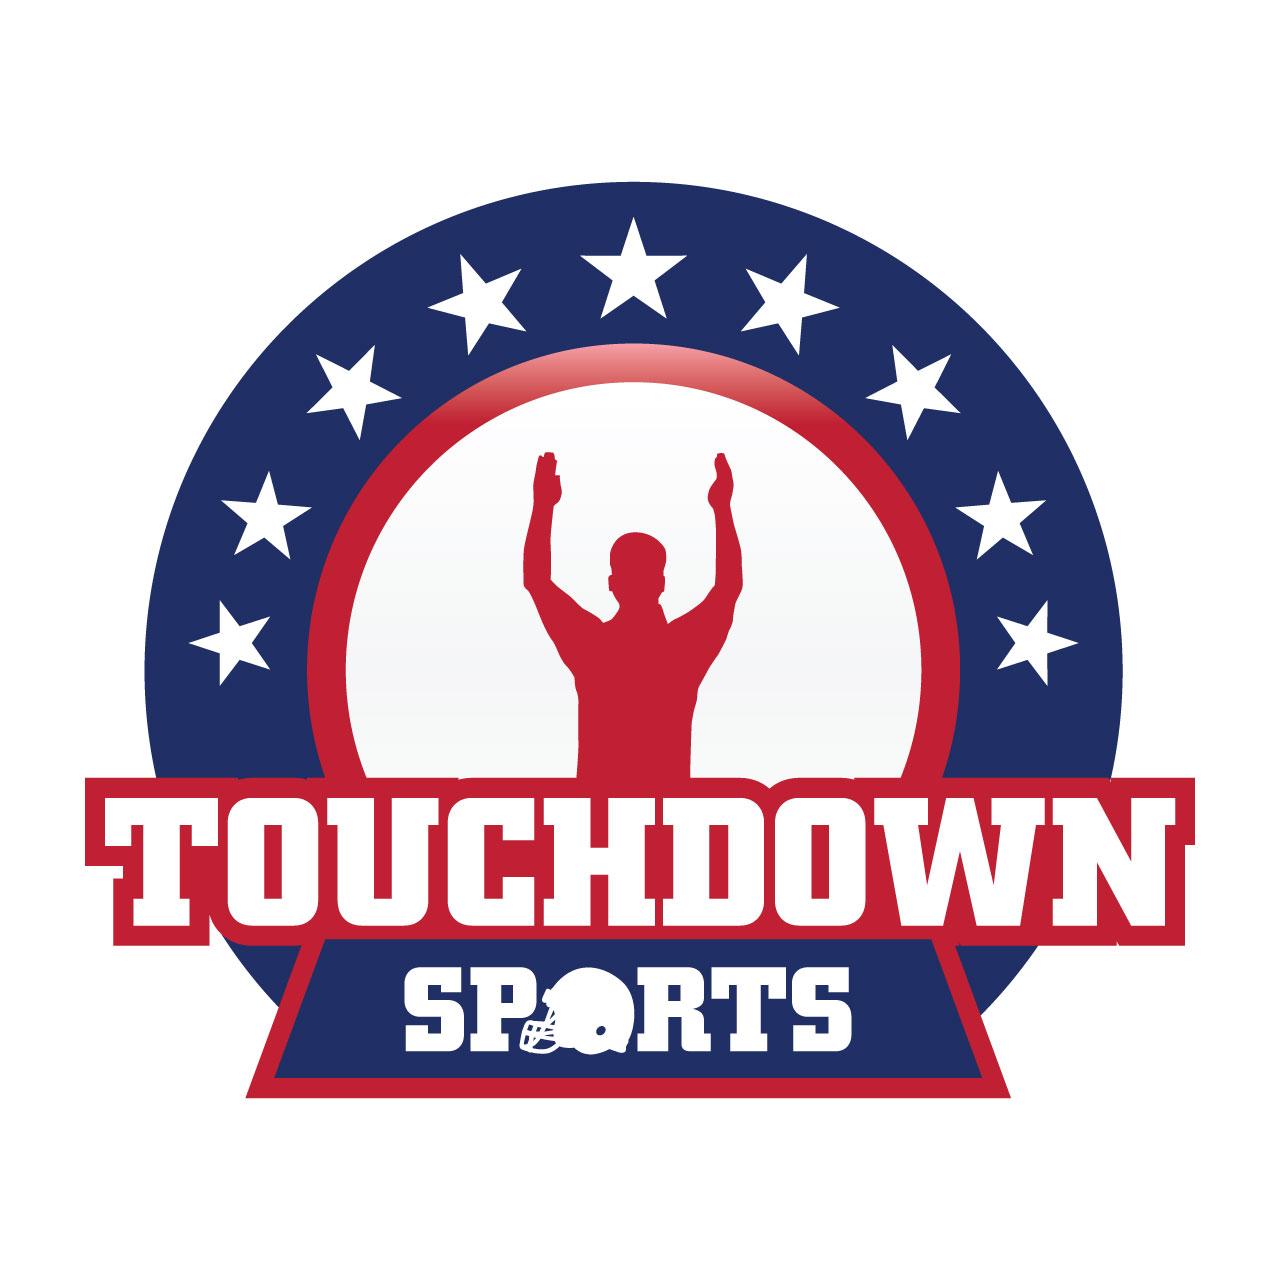 Touchdown Sports logo